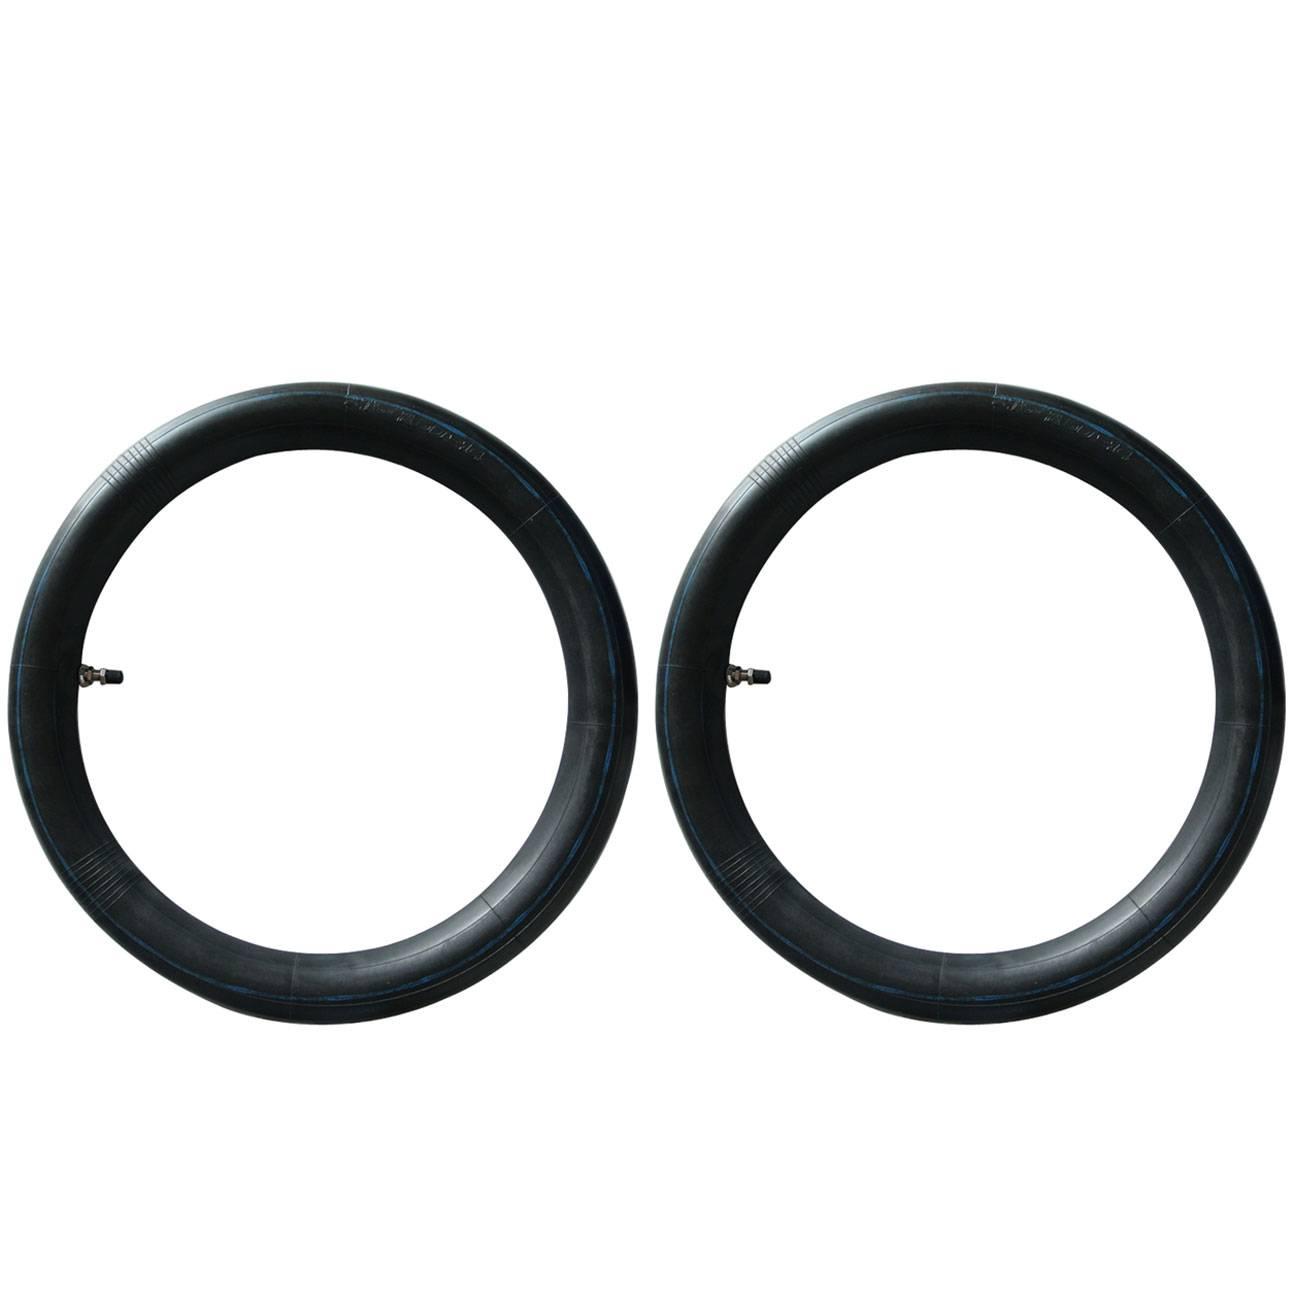 2.50/2.75 X 14 14 Inner Tube Tyre For Honda XR50 CRF50 Dirt Bike Motorcycle 2pcs